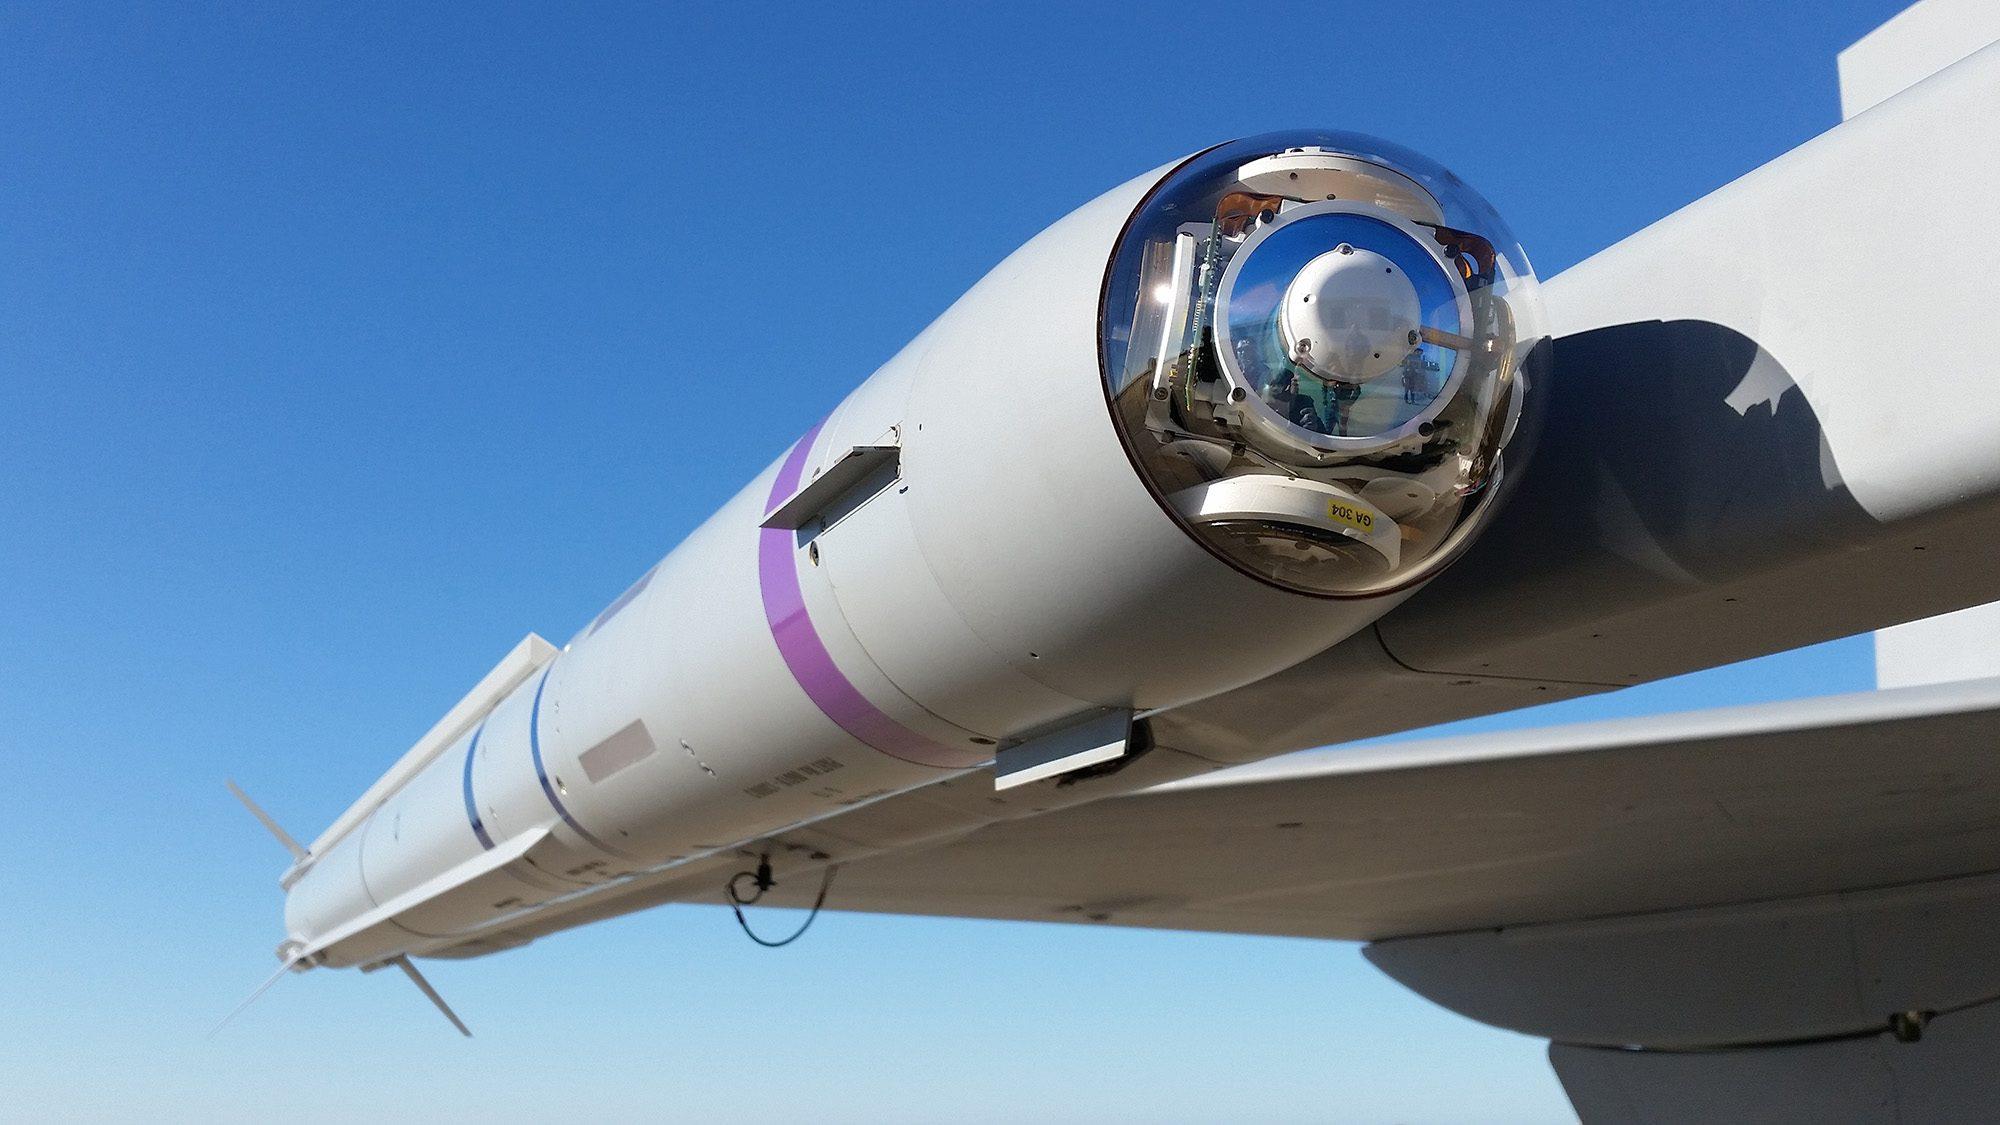 Míssil ar-ar A-Darter, de quinta geração